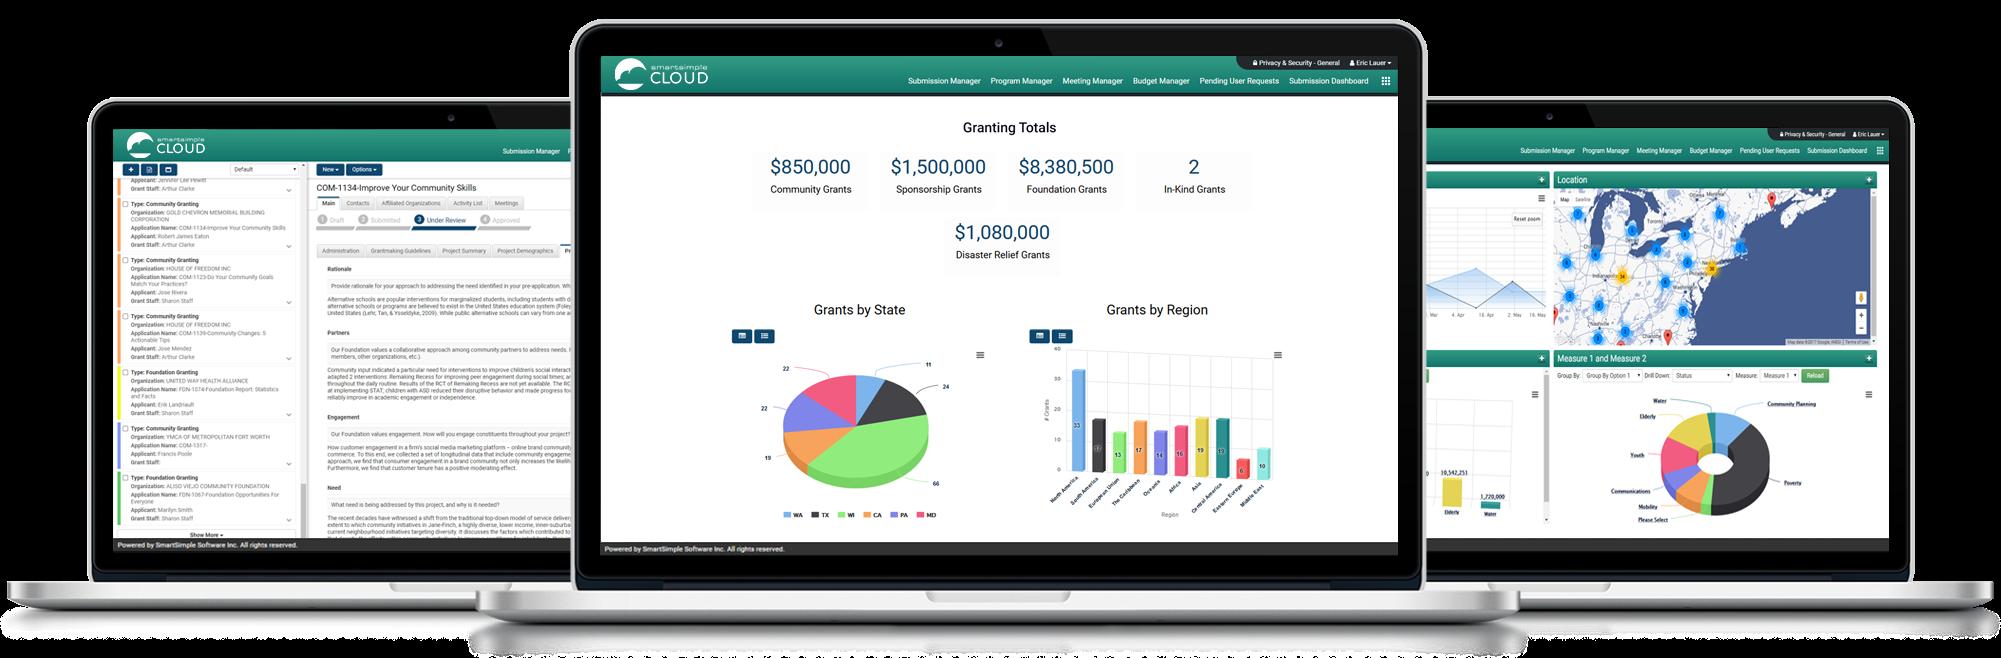 SmartSimple CLOUD for Grants Management Software - Grants management for foundations